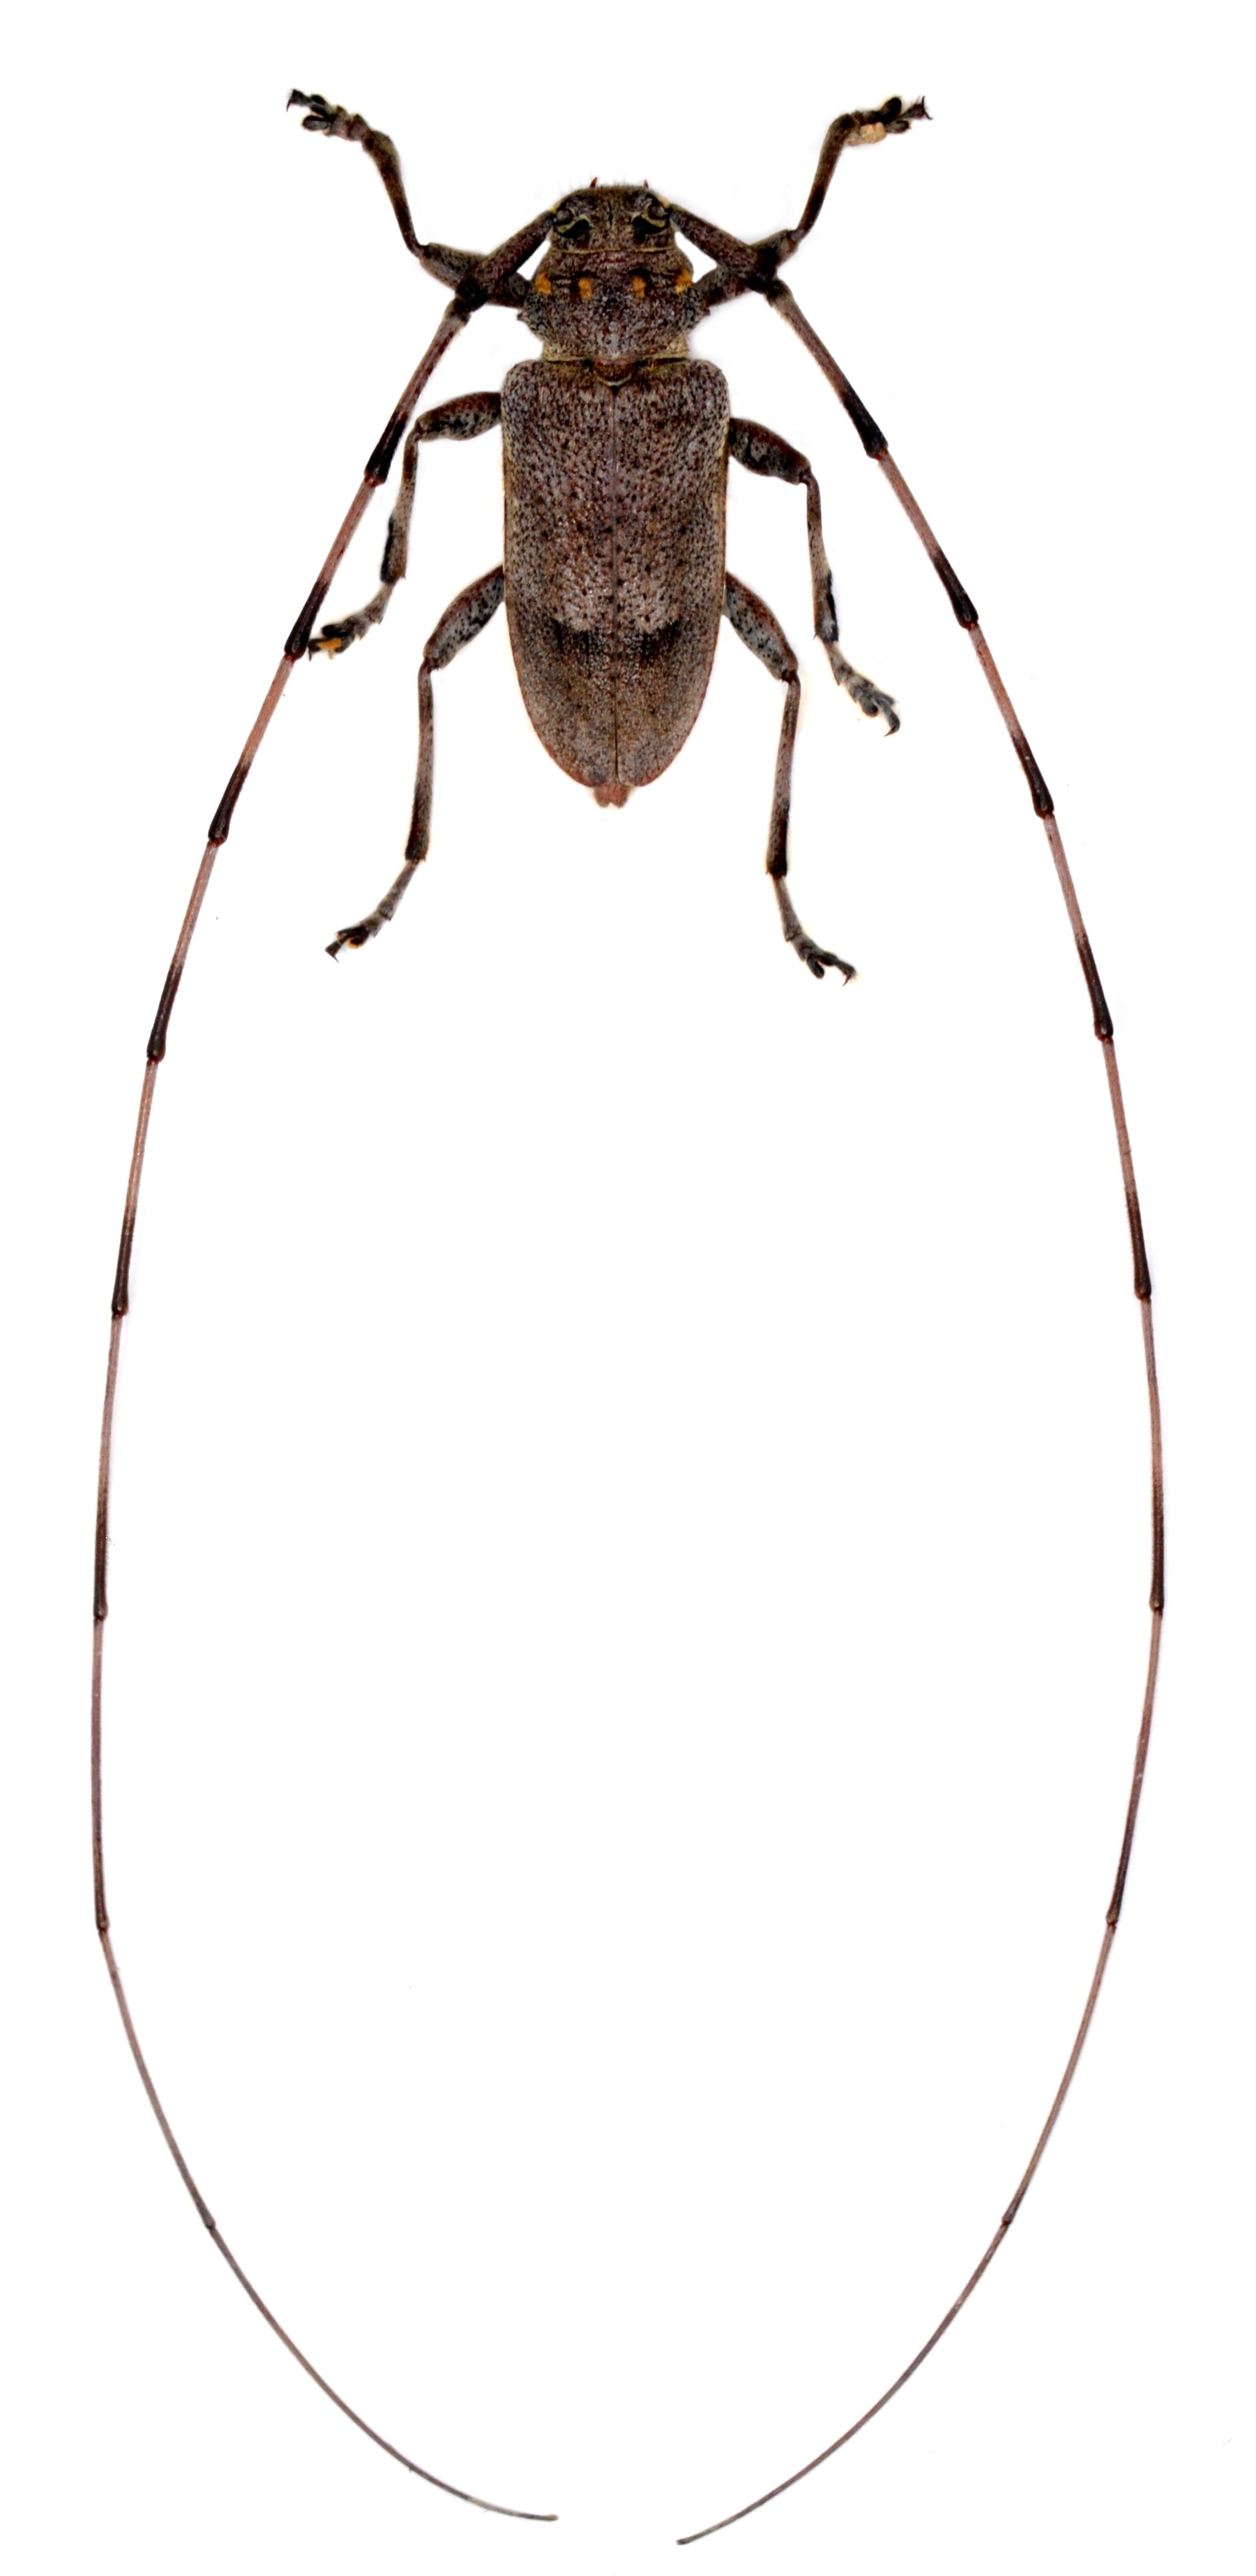 Acanthocinus aedilis 1